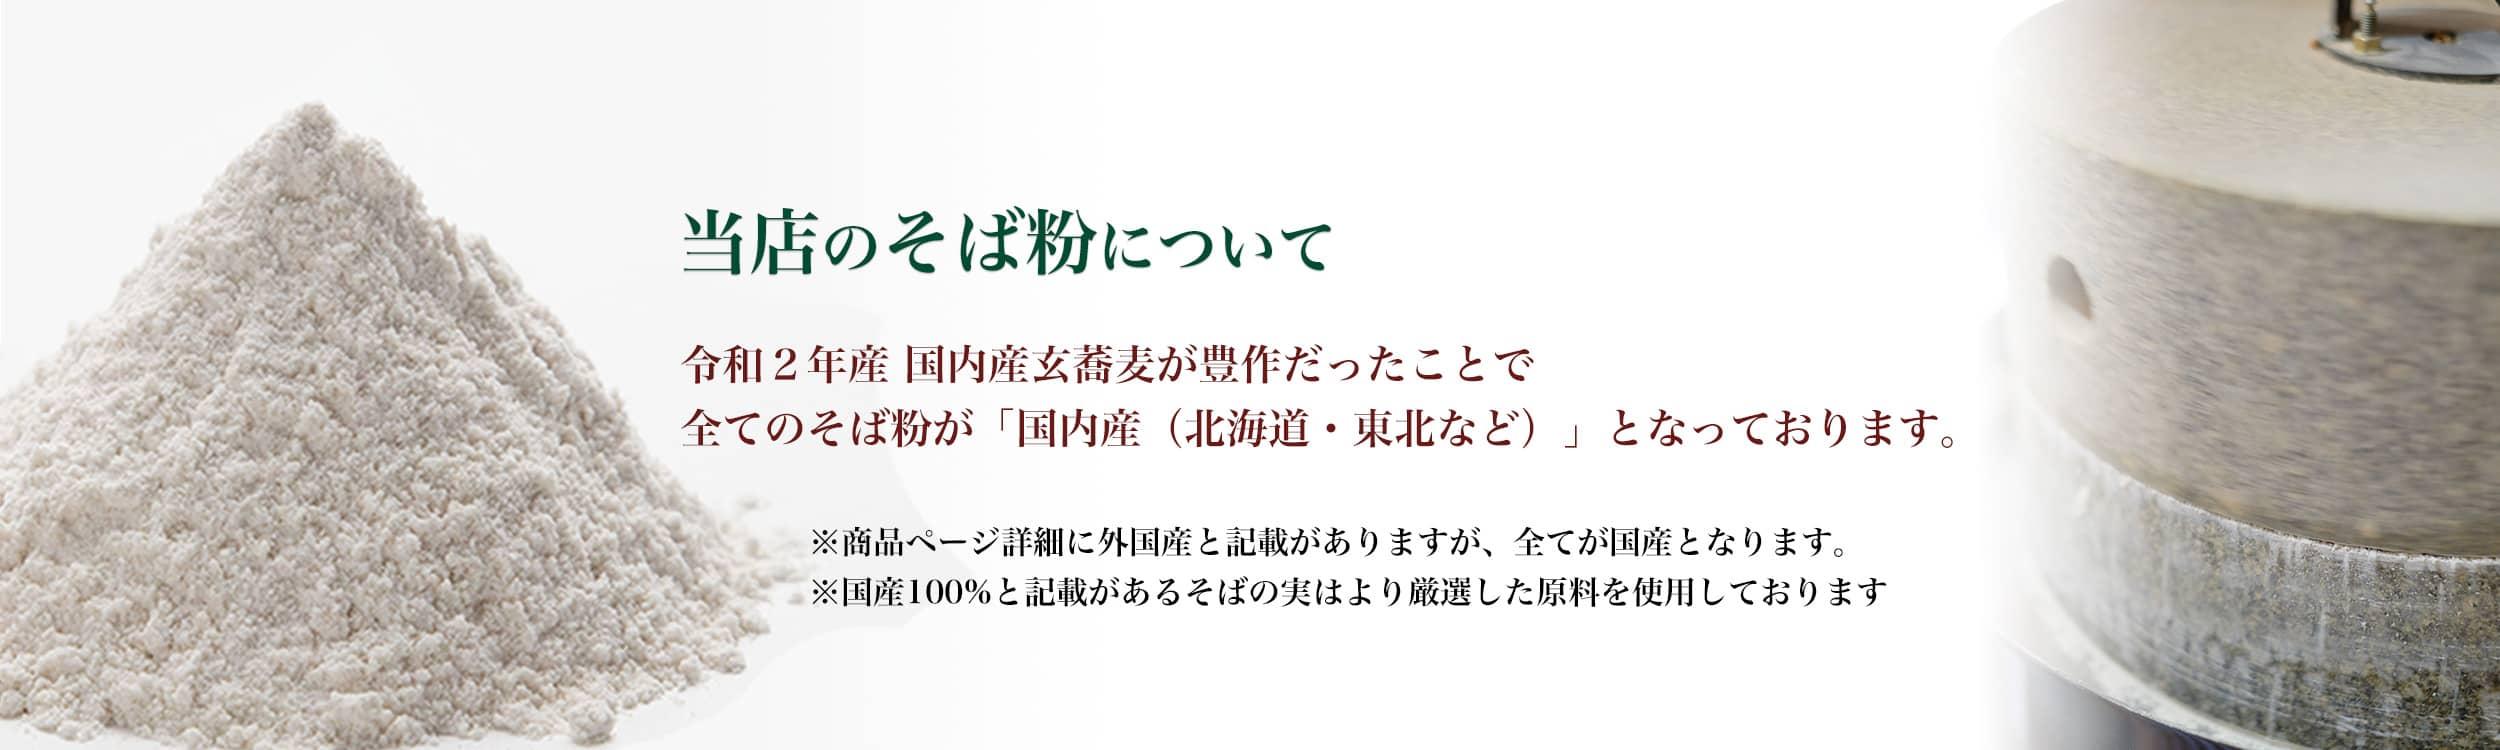 令和2年産 全てのそば粉が「国内産(北海道・東北など)」となっております。